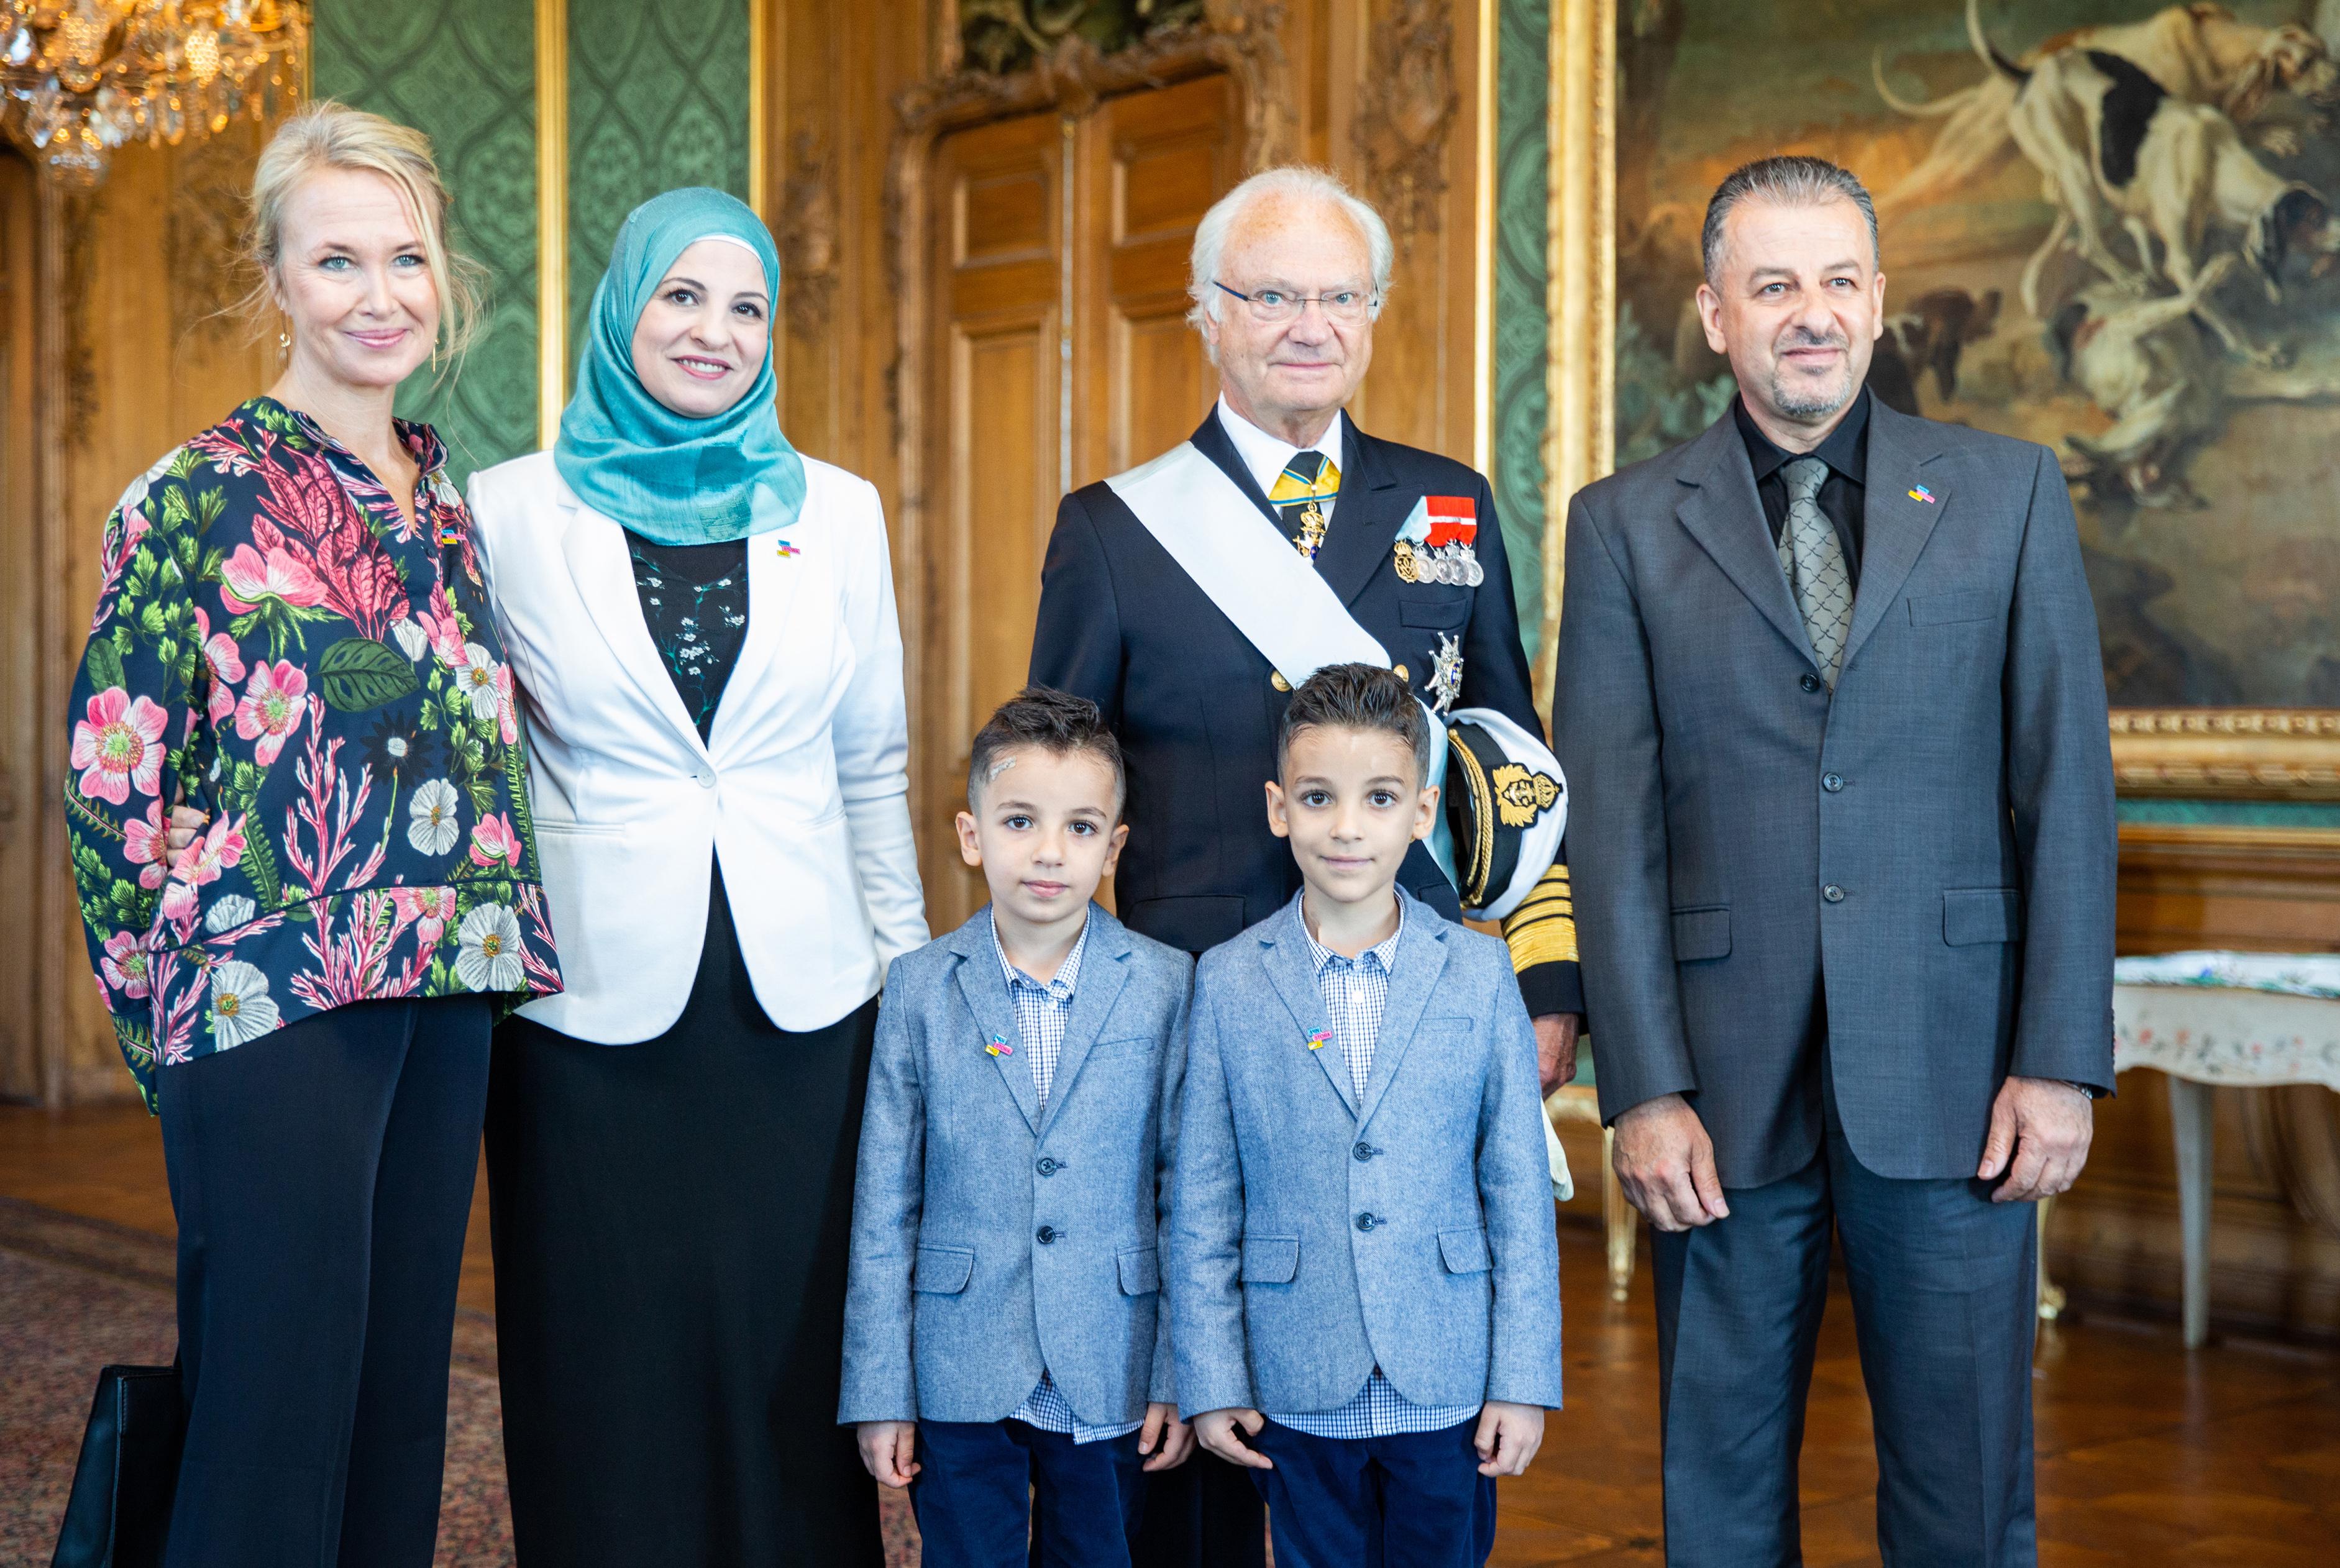 Torsdagen den 13 september 2018 tog Kungen emot 7-årige Akram och hans familj på Kungliga slottet. Akram har cancerformen leukemi och fick via stiftelsen Min Stora Dag möjlighet att träffa Kungen på slottet. Under sin sjukhusvistelse har Akram talat